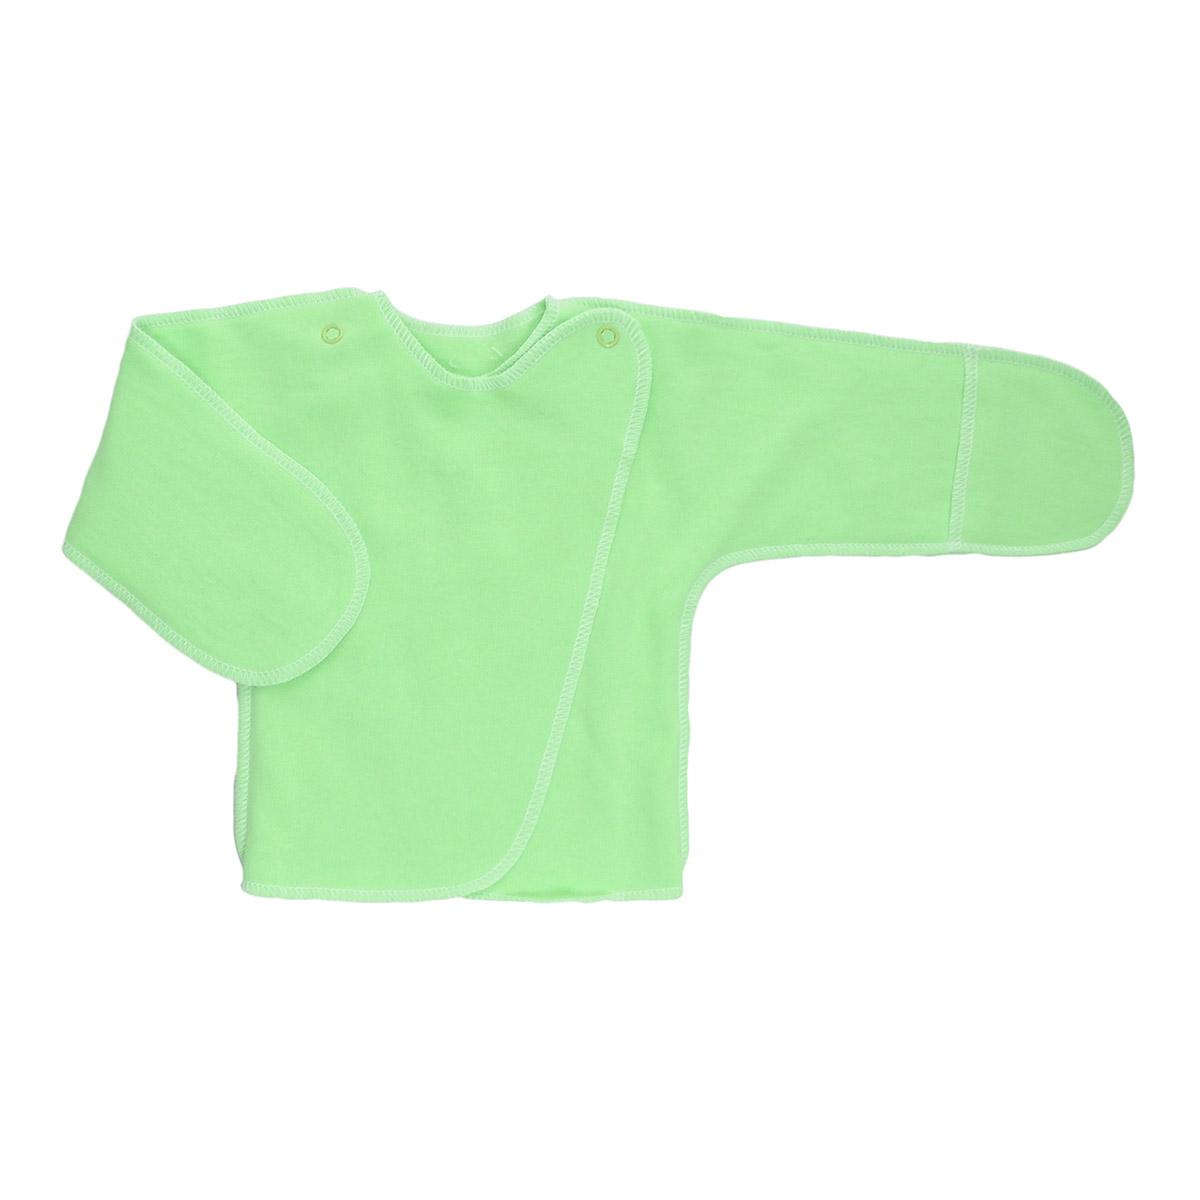 Распашонка Трон-Плюс, цвет: светло-зеленый. 5023 . Размер 62, 3 месяца5023Распашонка с закрытыми ручками Трон-плюс послужит идеальным дополнением к гардеробу младенца. Распашонка, выполненная швами наружу, изготовлена из футера - натурального плотного хлопка, благодаря чему она необычайно мягкая, легкая и теплая, не раздражает нежную кожу ребенка и хорошо вентилируется, а эластичные швы приятны телу младенца и не препятствуют его движениям. Распашонка с запахом, застегивается при помощи двух кнопок на плечах, которые позволяют без труда переодеть ребенка. Благодаря рукавичкам ребенок не поцарапает себя.